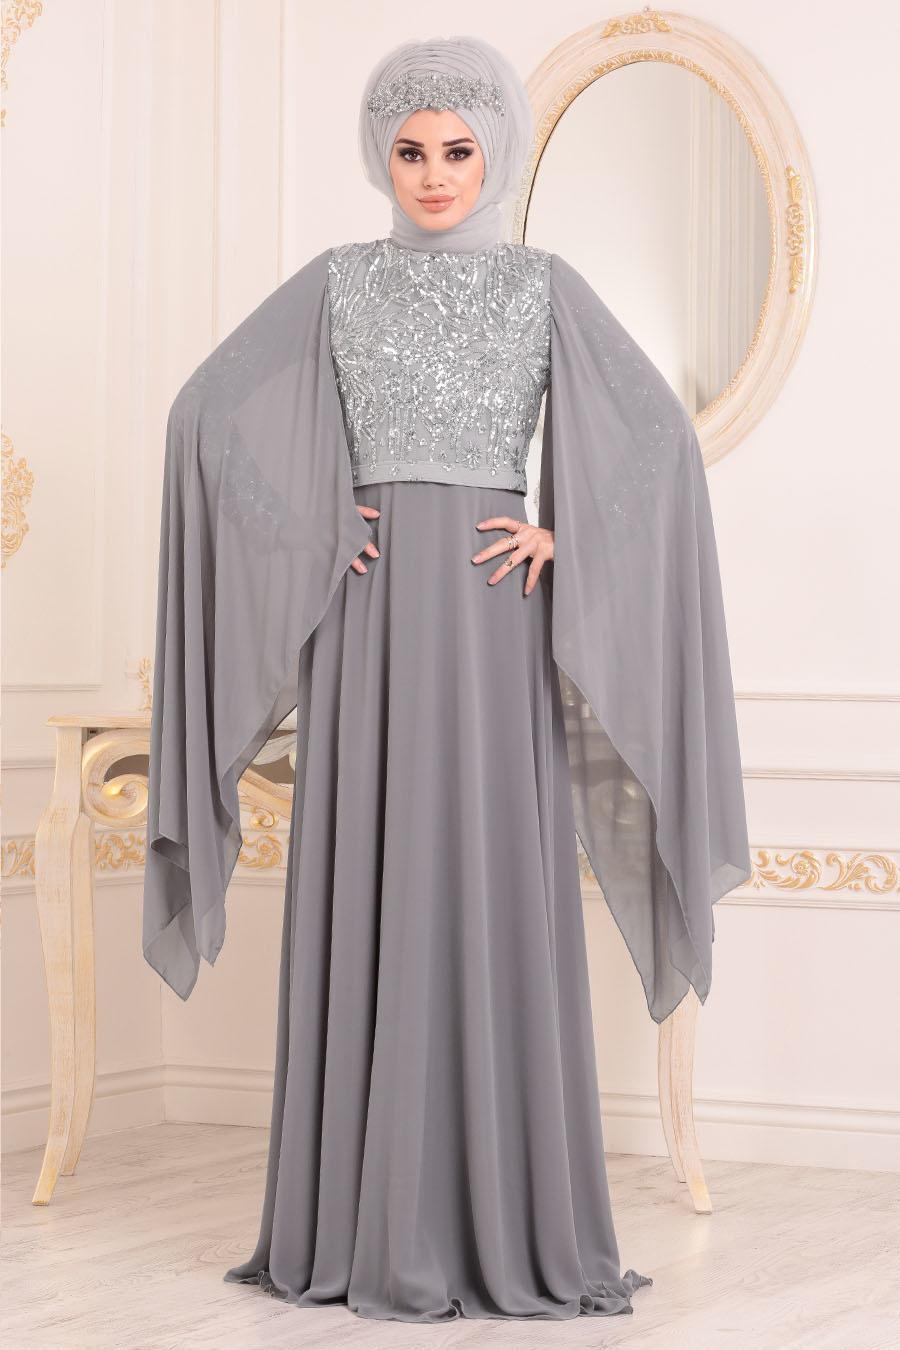 Tesettürlü Abiye Elbise - Payet Detaylı Gri Tesettür Abiye Elbise 3284GR